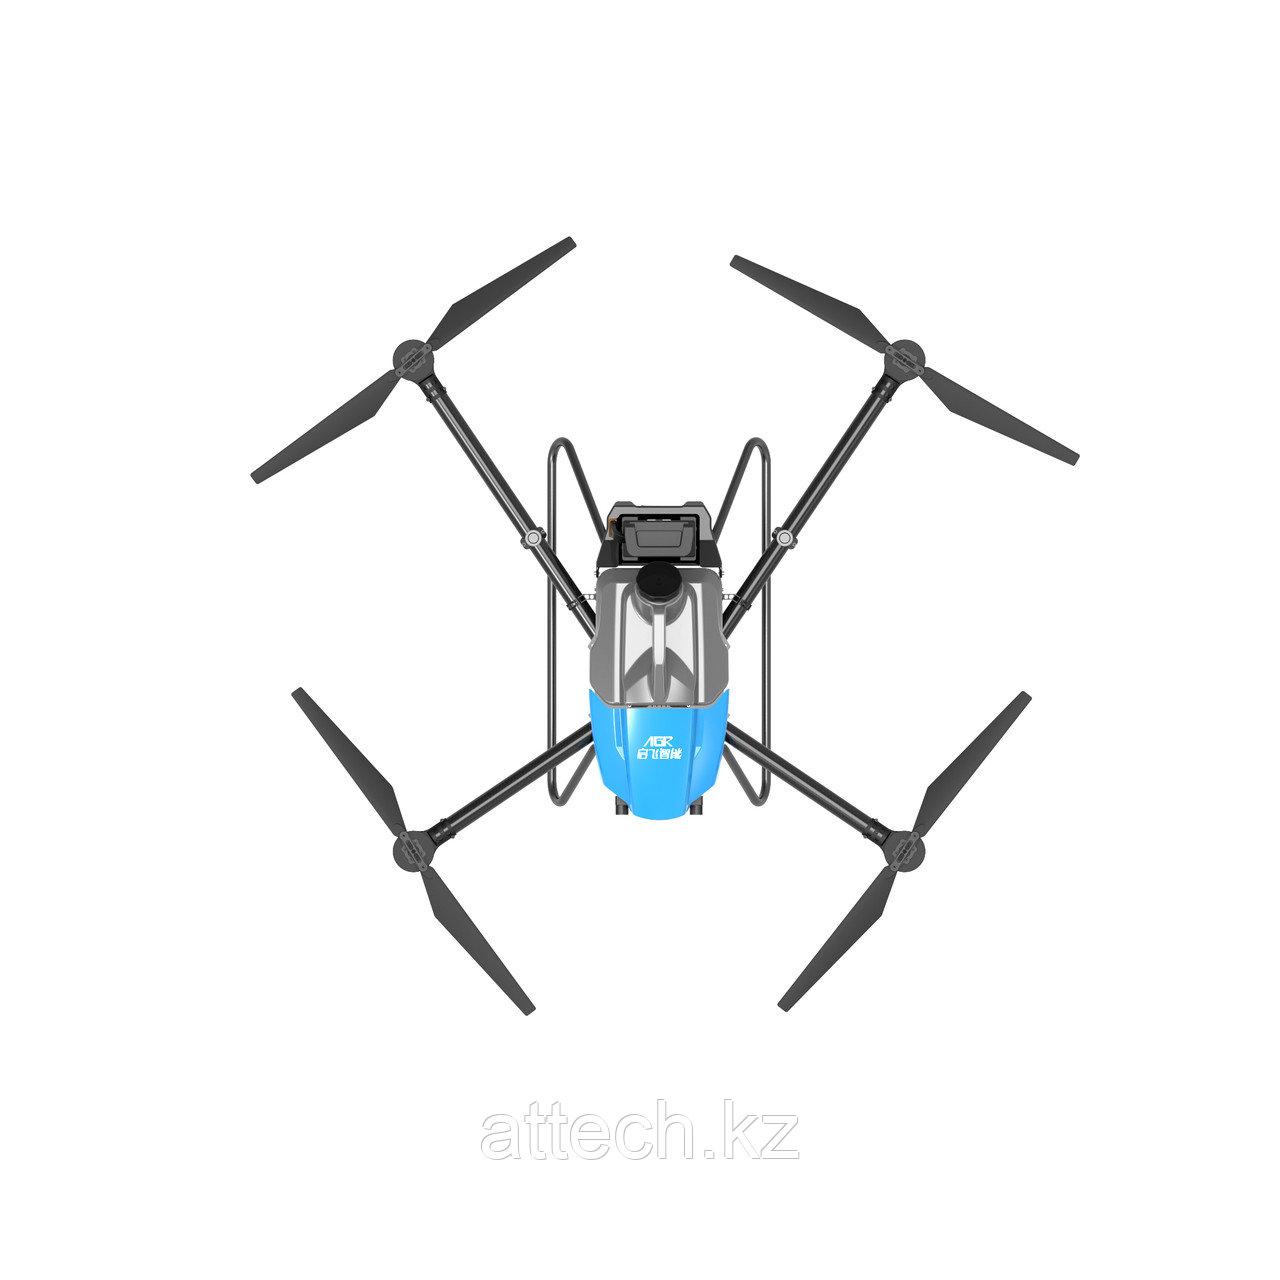 Сельскохозяйственный беспилотный летательный аппарат 16 кг модель А10 3WD4-QF-16А